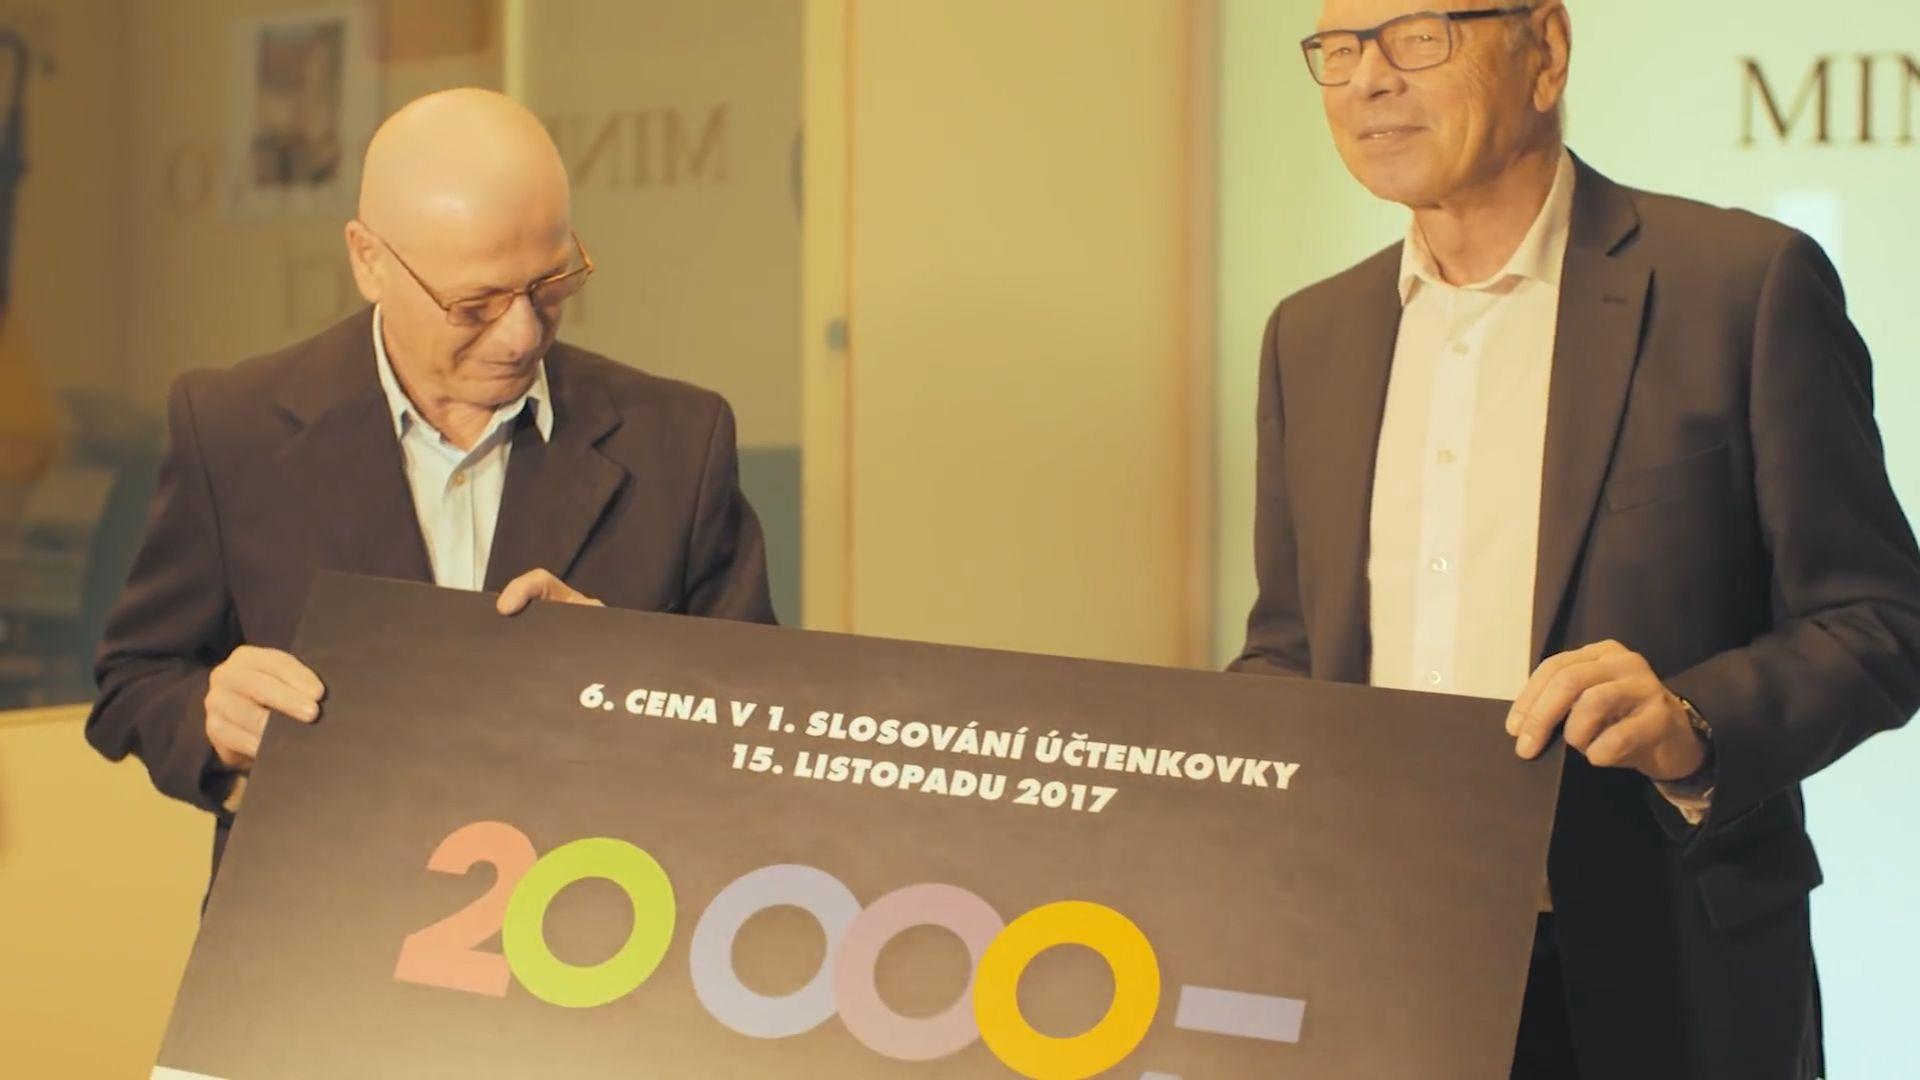 Rekordman V Uctenkove Loterii Zaregistroval 1129 Uctenek Pristi Rok